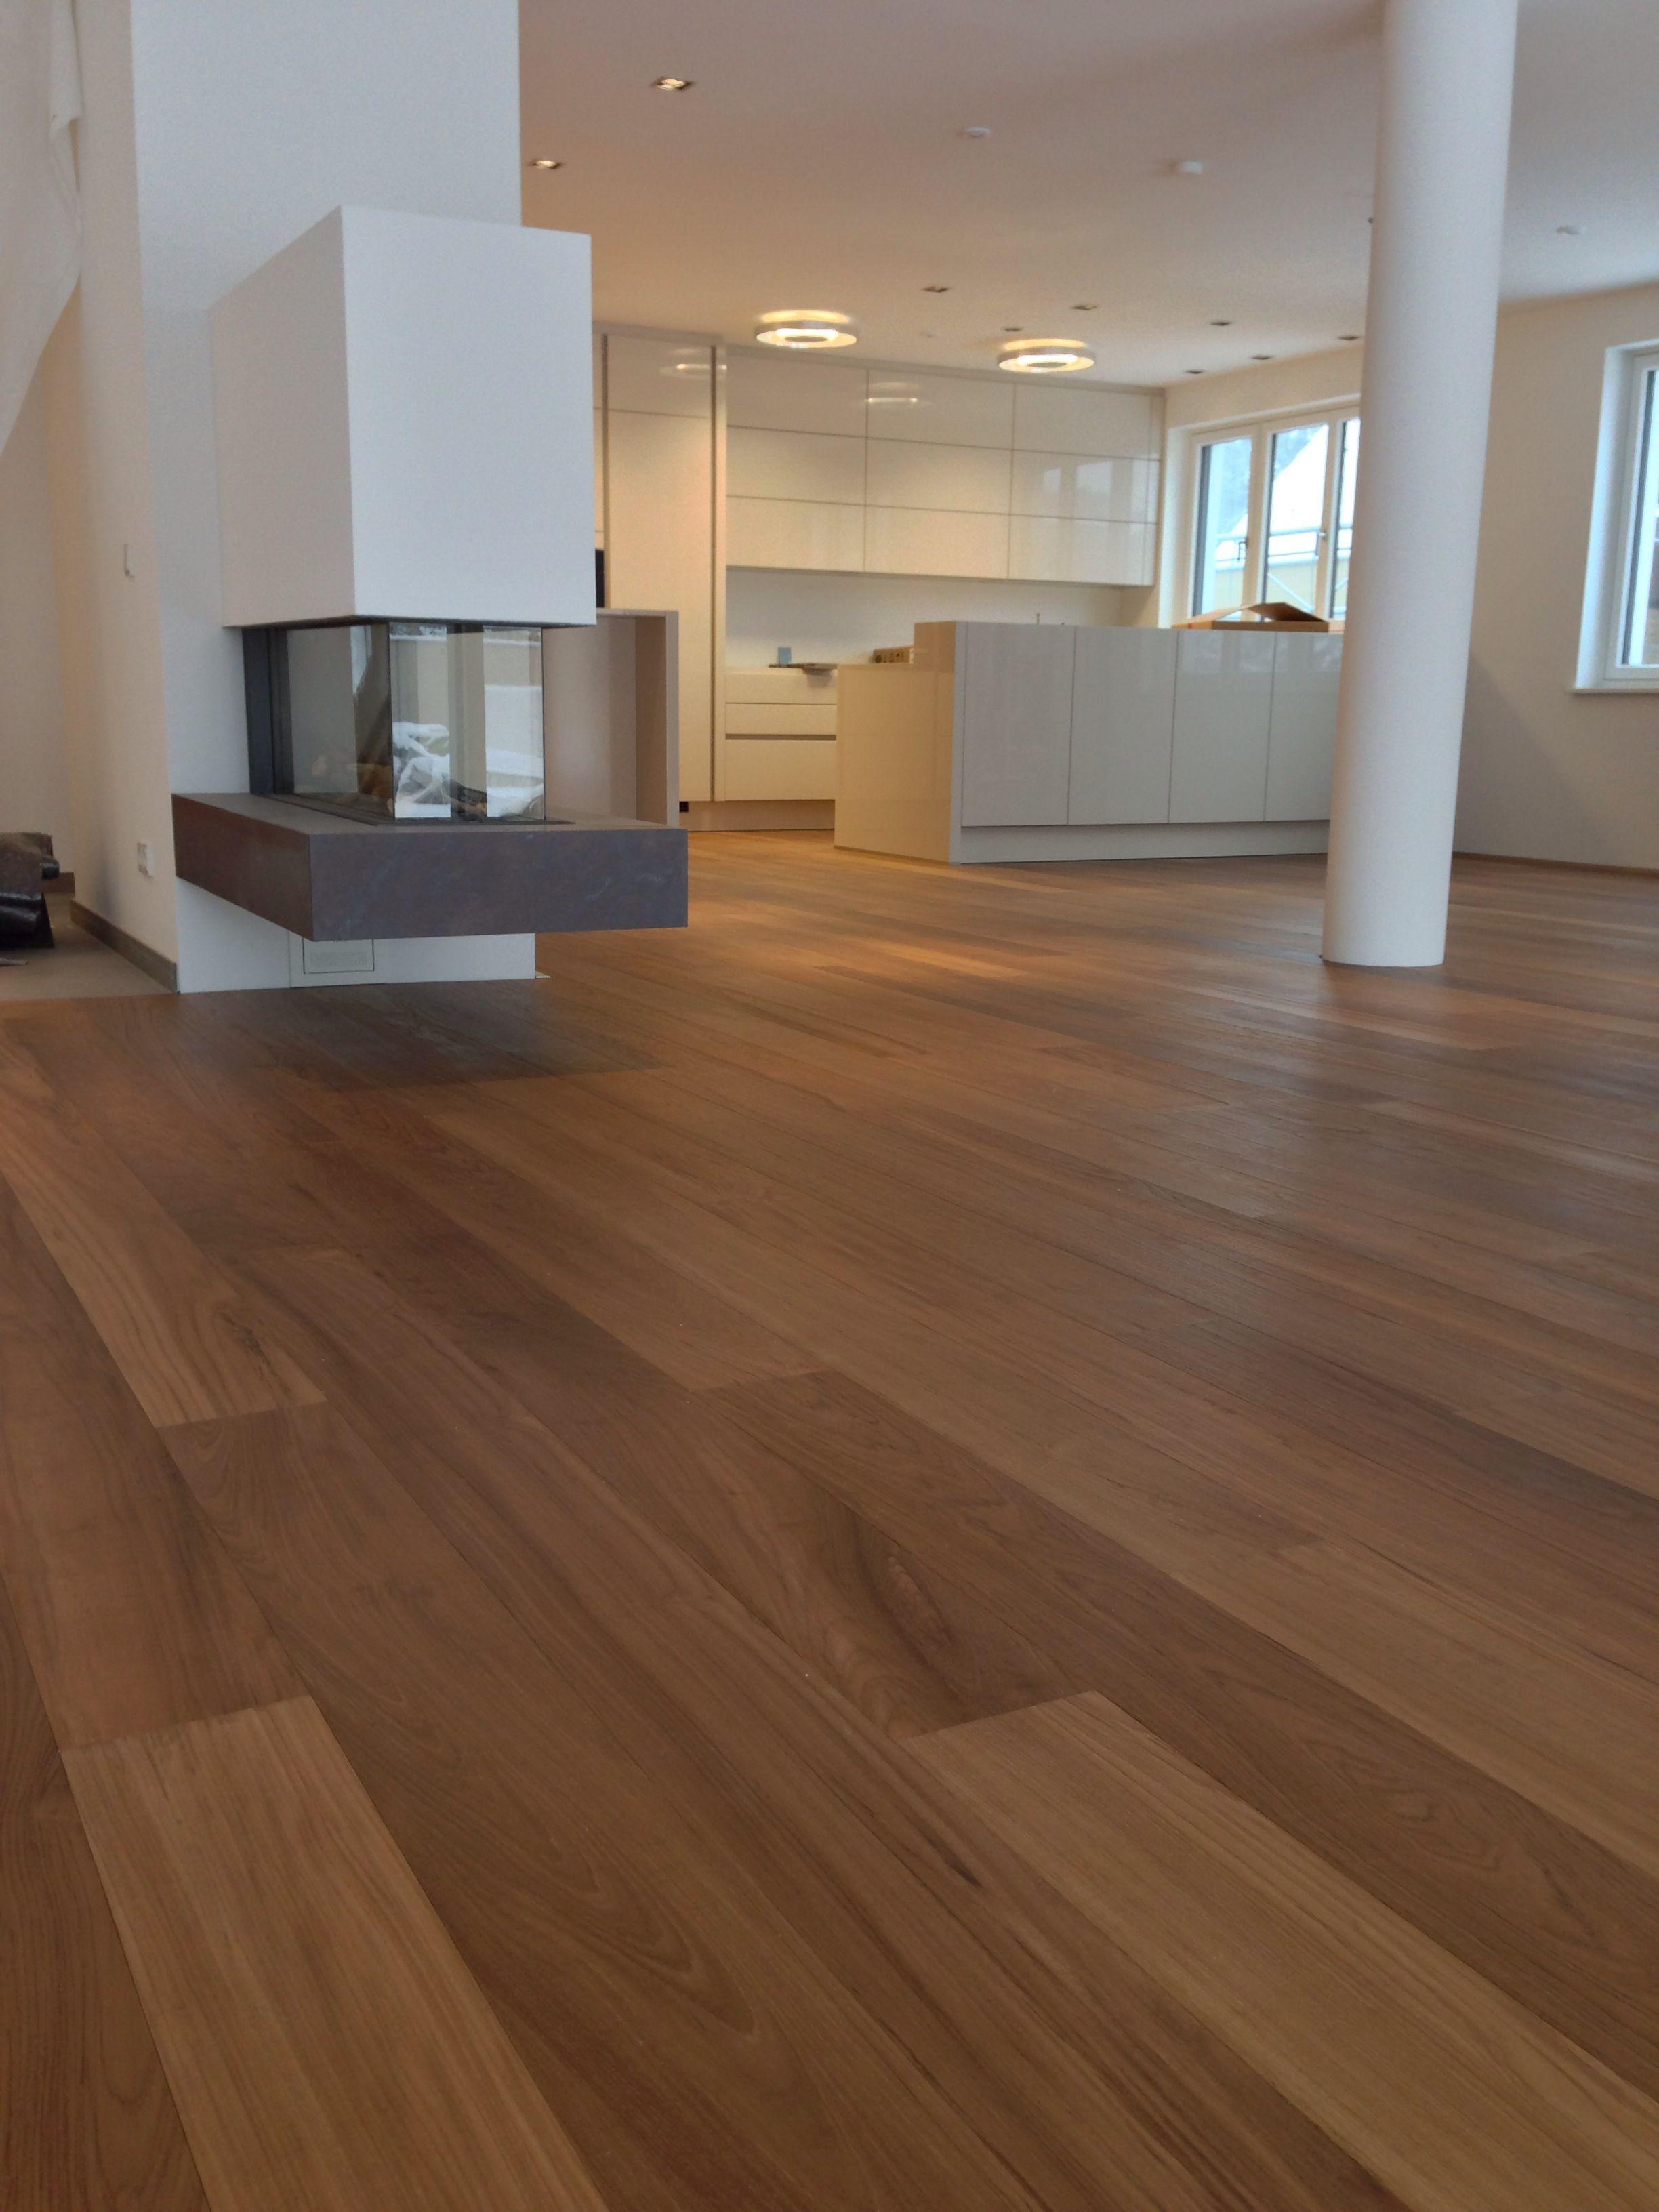 Haus Innenarchitektur Holz Haus Holz Innenarchitektur In 2020 Haus Innenarchitektur Haus Boden Architektur Haus Design